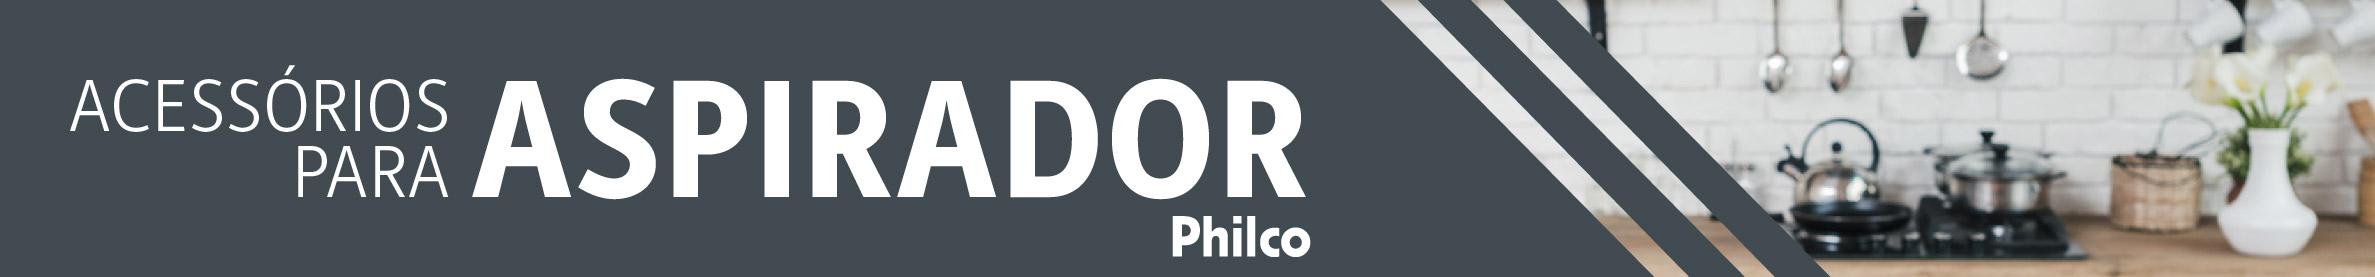 Aspirador-philco